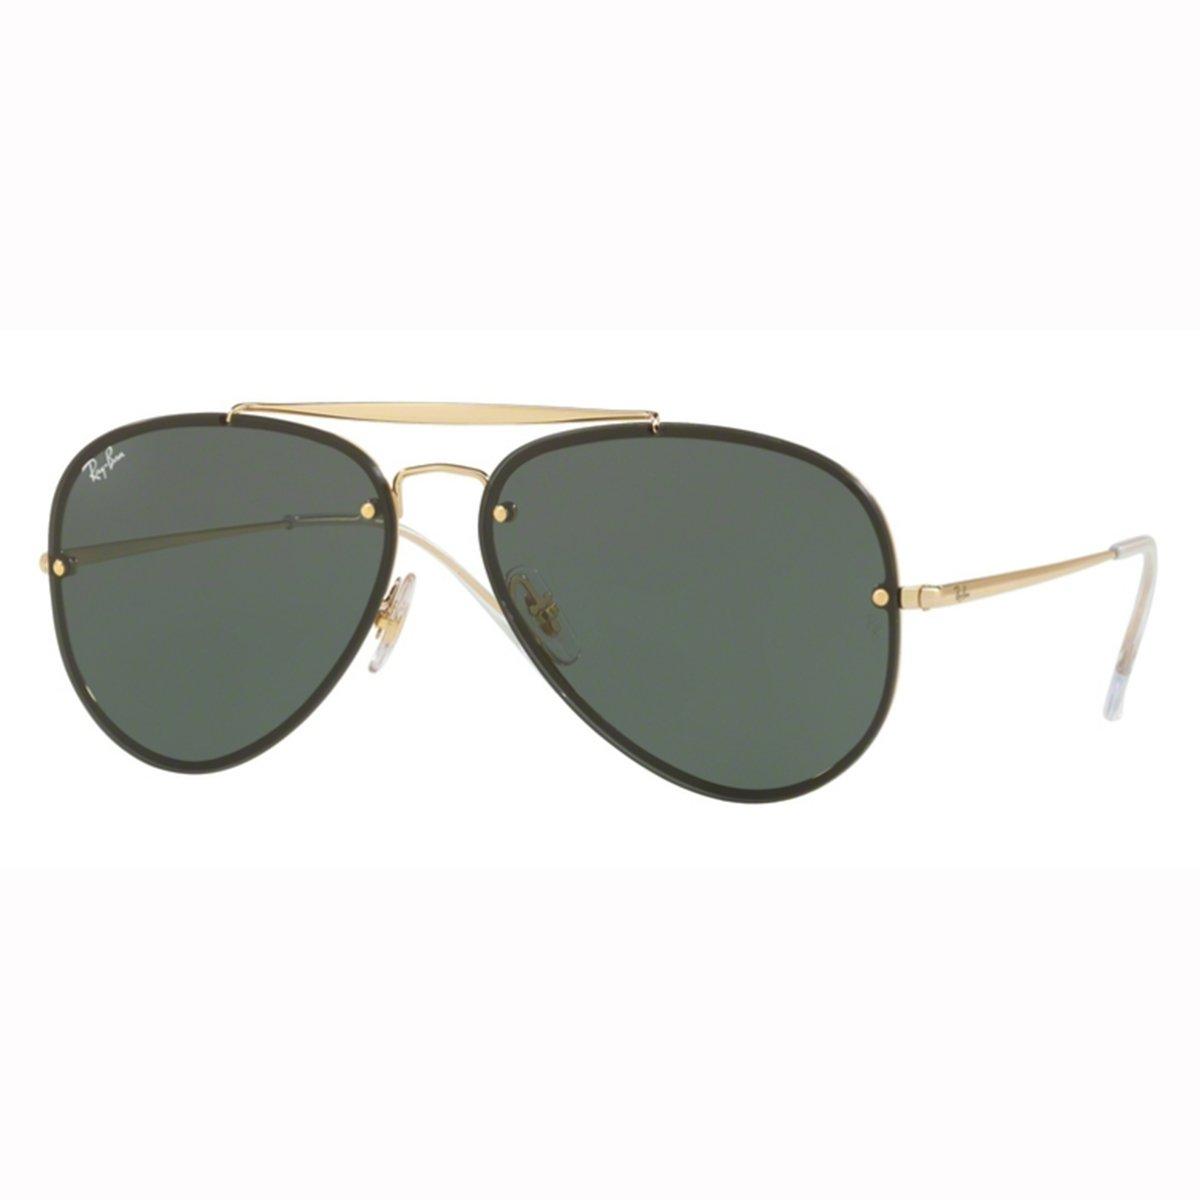 9cd46d0c5c5e5 Compre Óculos de Sol Ray Ban Blaze Aviator em 10X